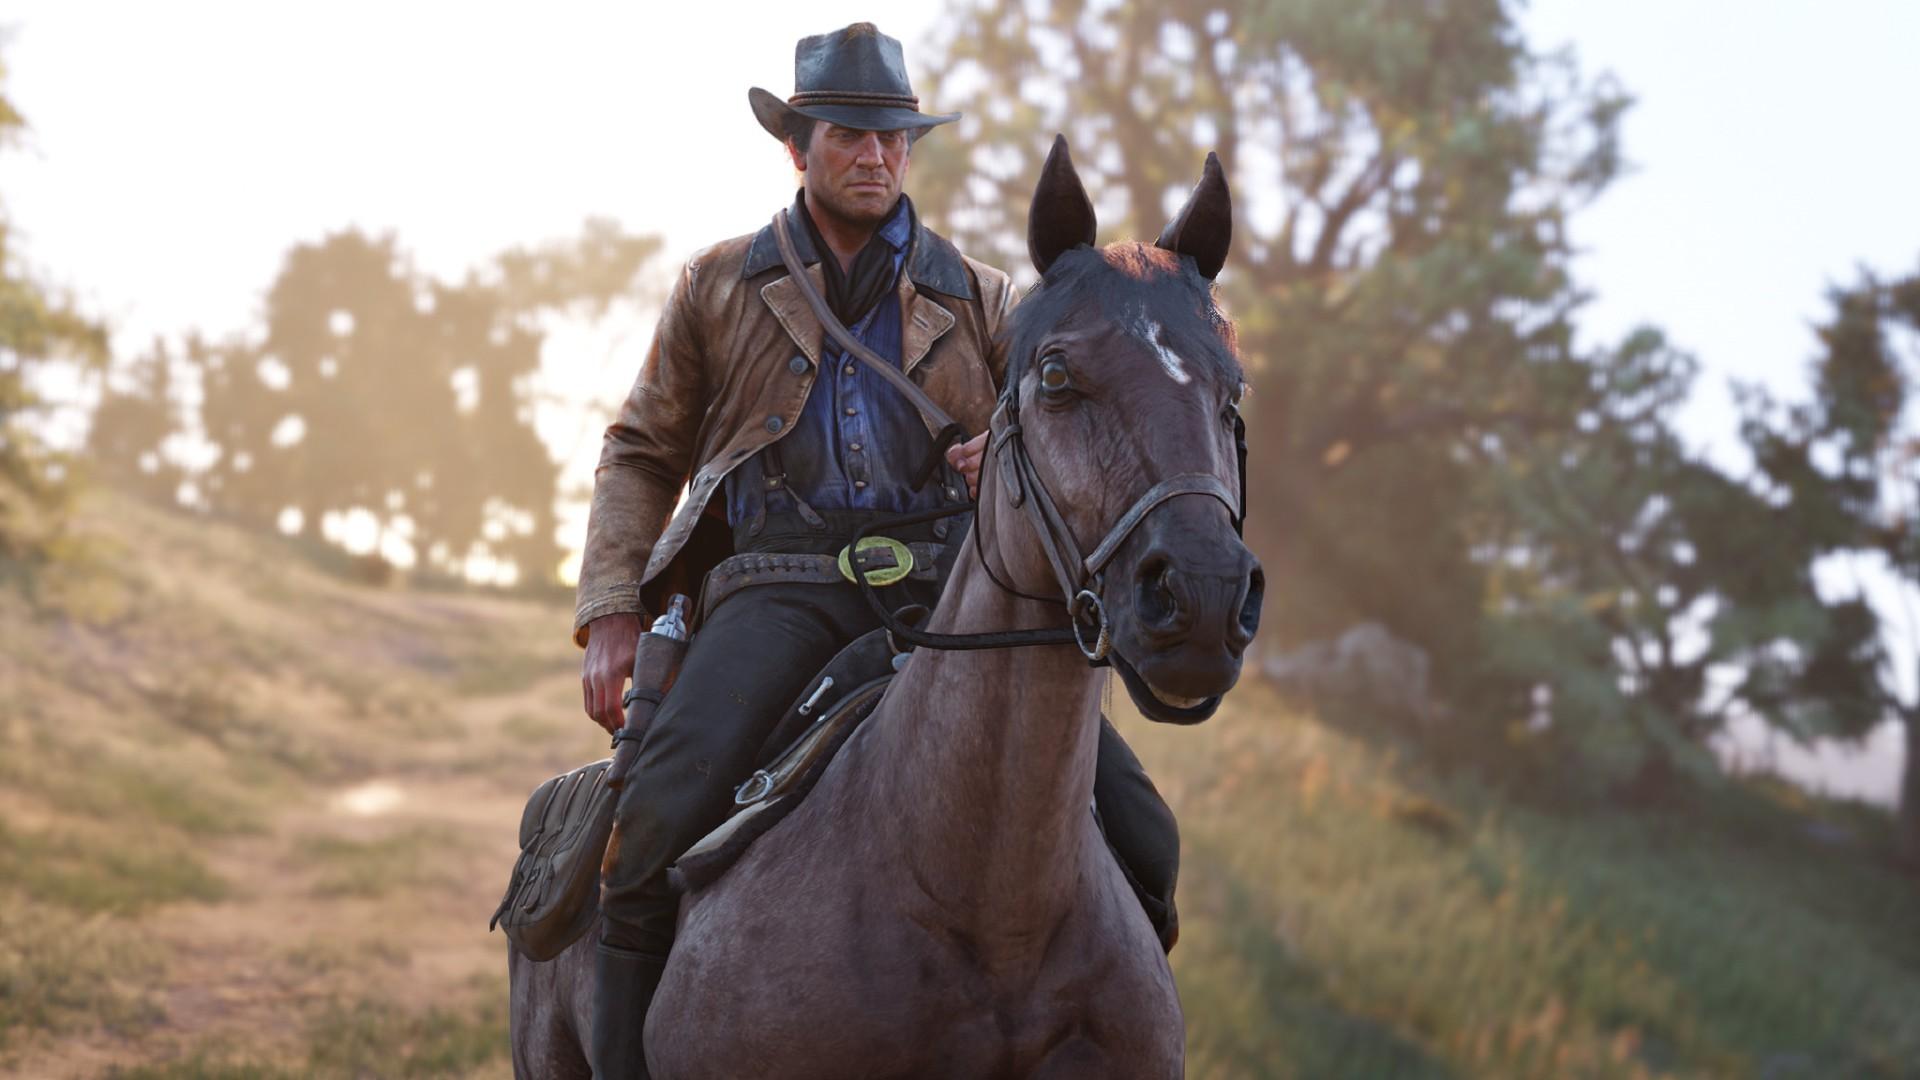 《荒野大鏢客2》這細節很有趣:馬匹的蛋蛋會熱脹冷縮